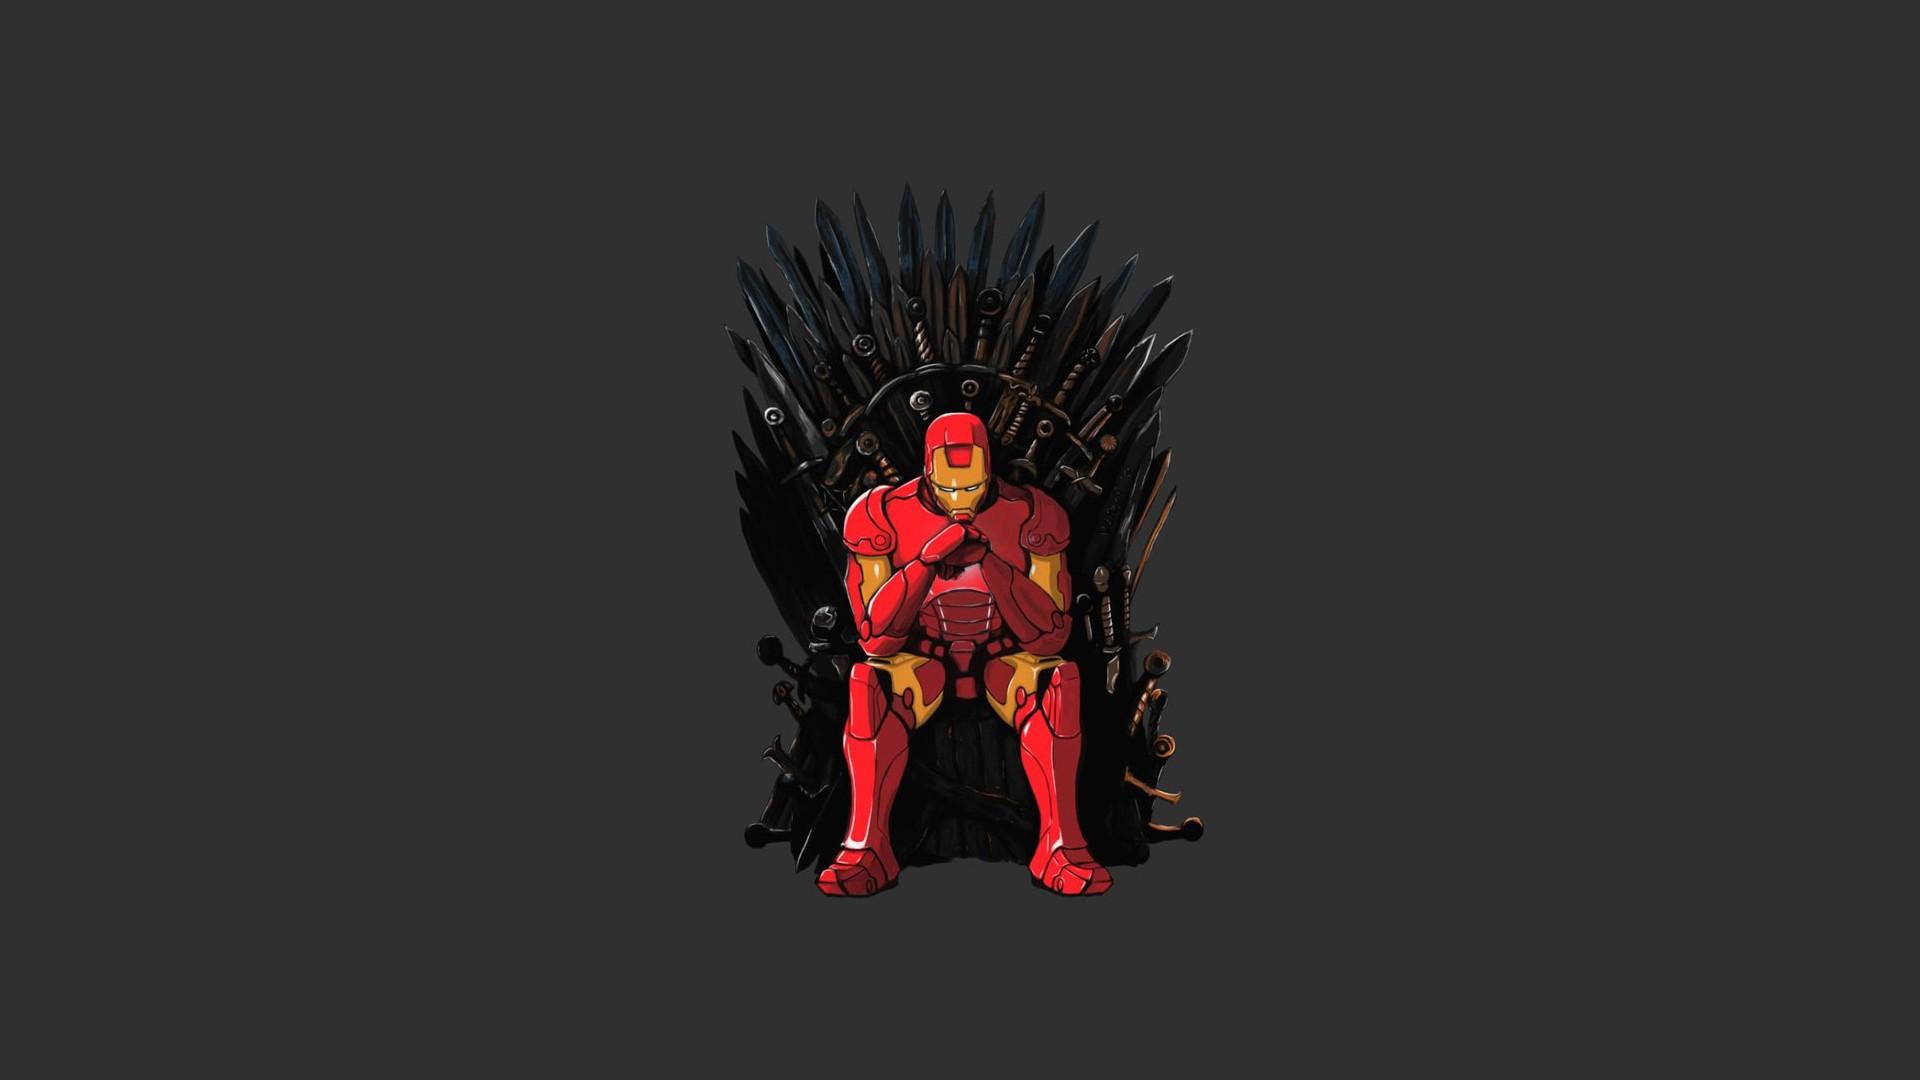 1920x1080 Iron Man Game of Thrones Mashup desktop PC and Mac wallpaper 1920x1080